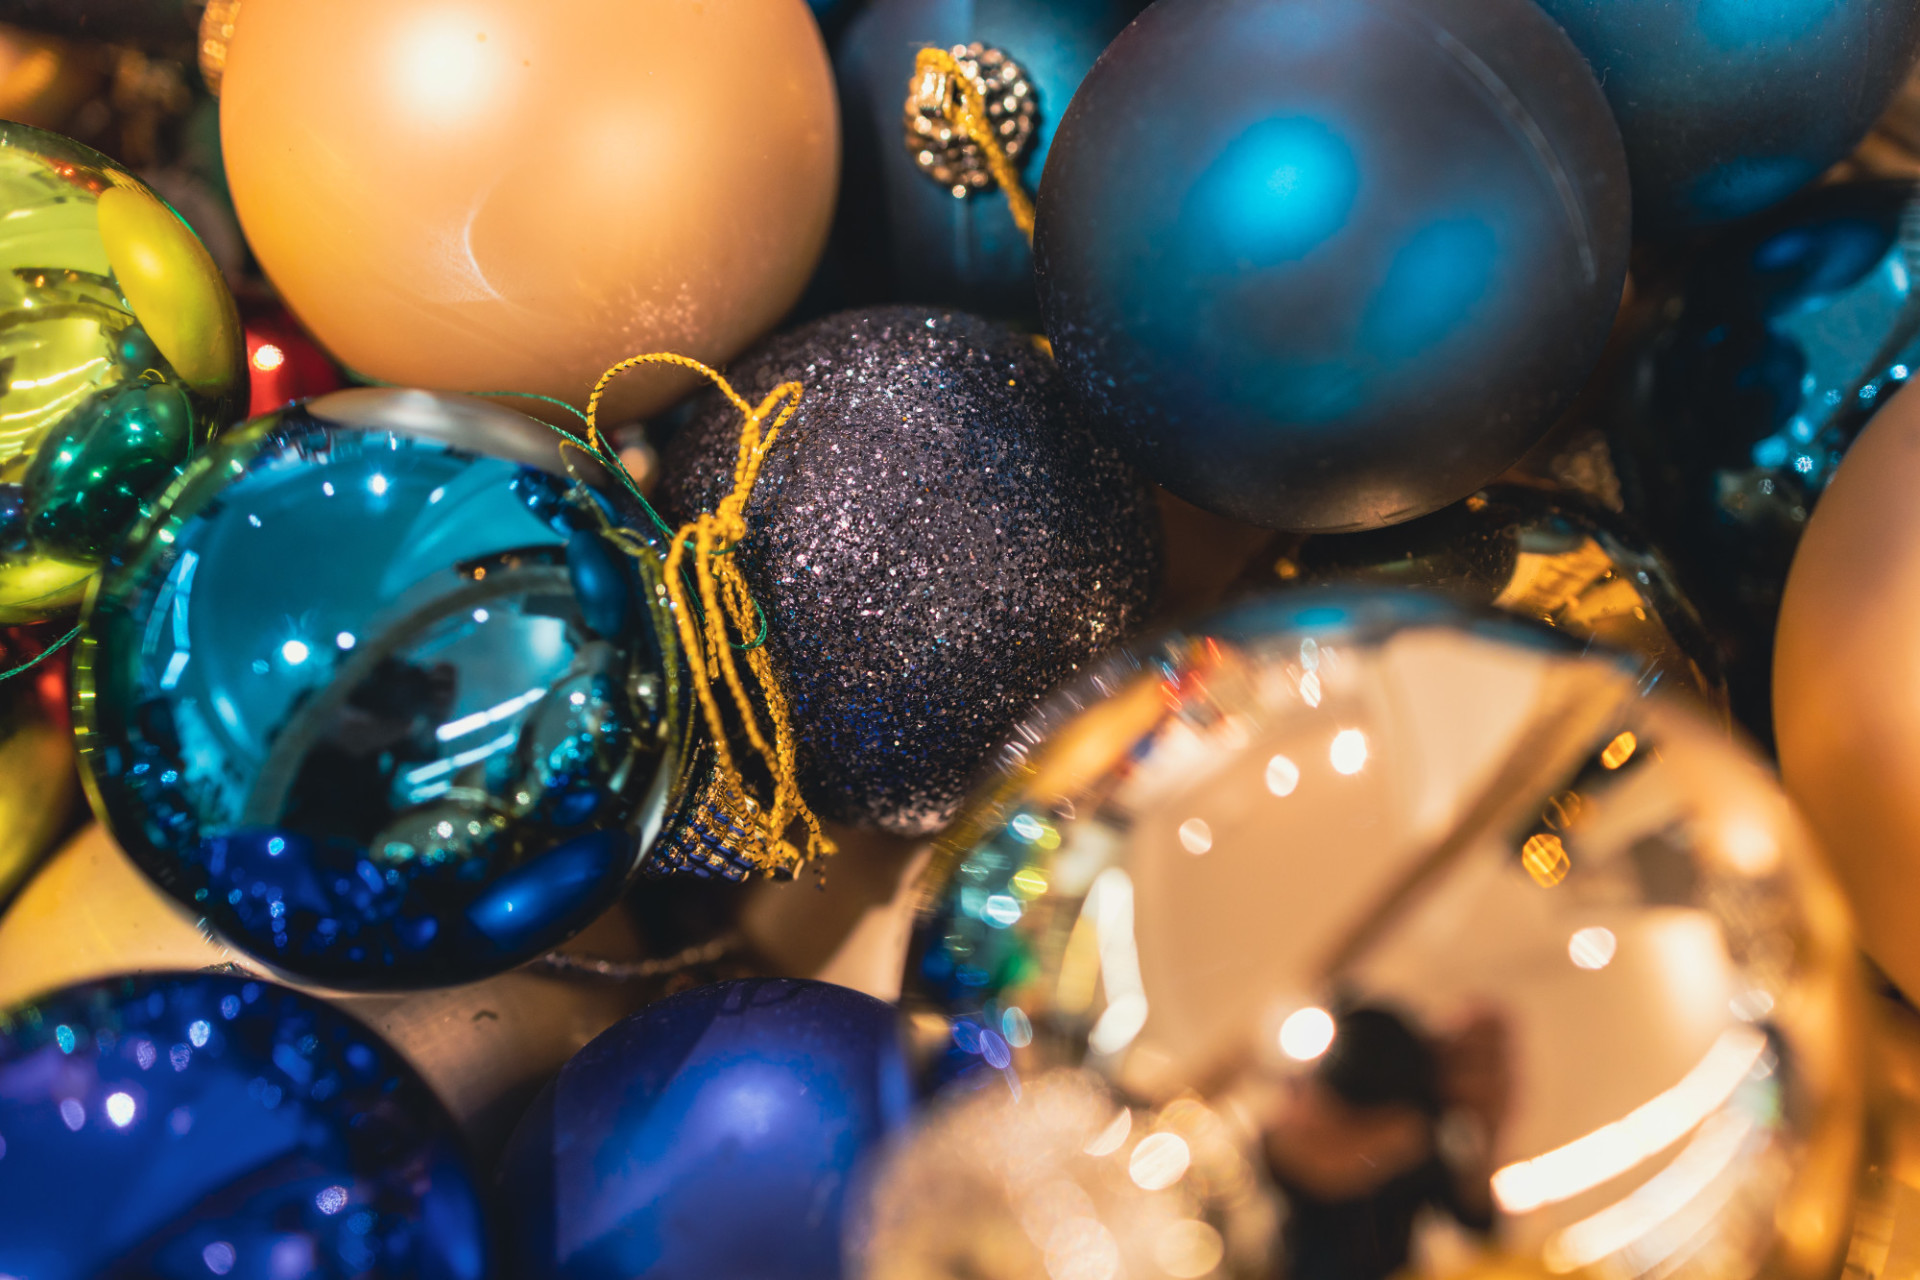 Colourful Christmas balls